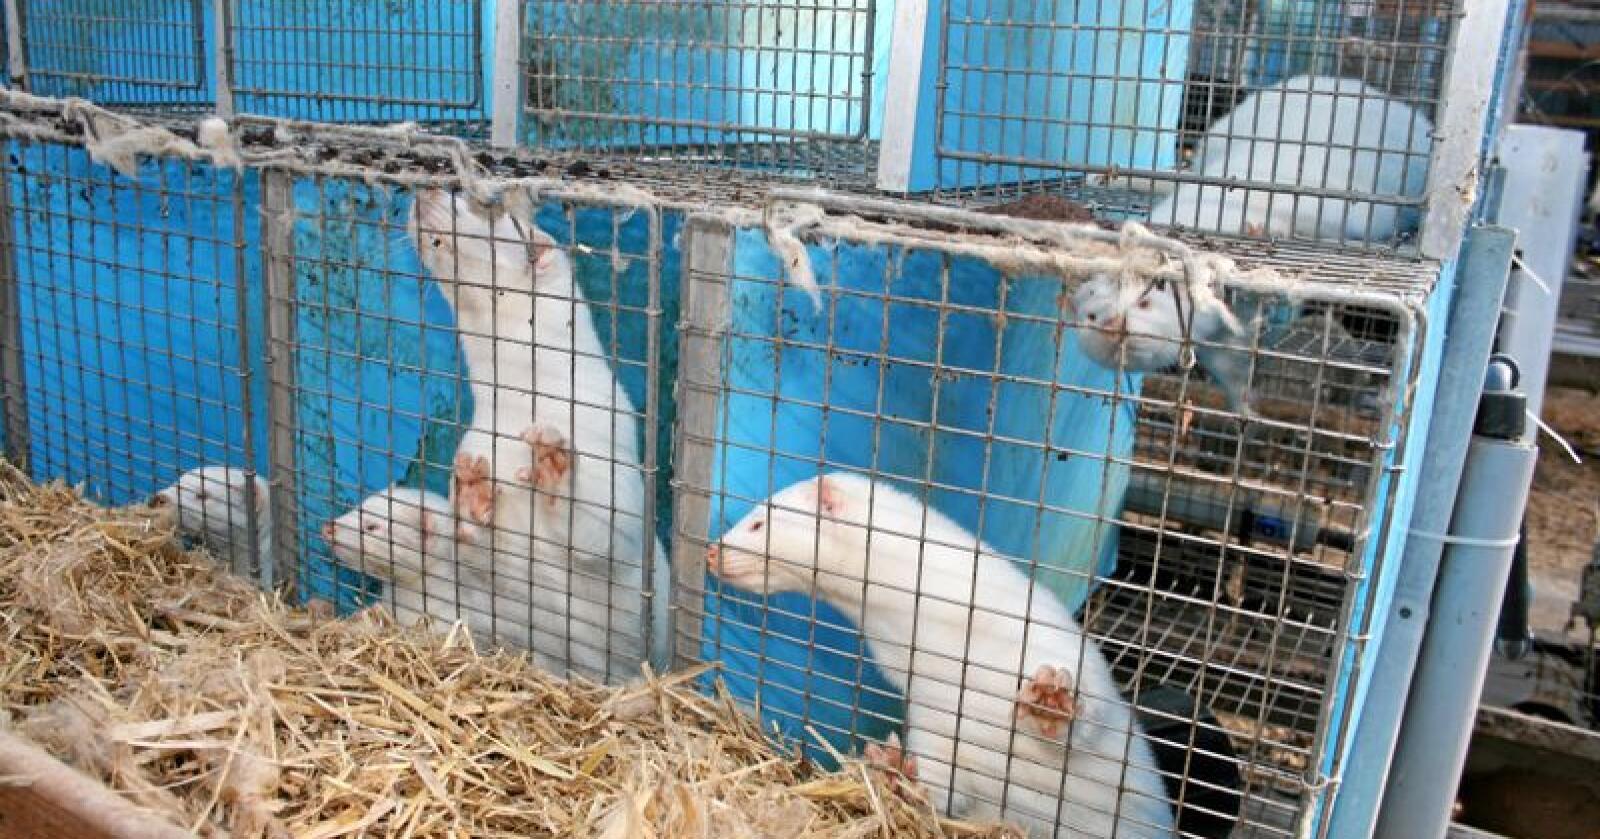 Susanne Horpestad har skrevet et åpent brev til landbruksministeren om kompensasjonsordninga til pelsdyrbønder. Foto: Bjarne Bekkeheien Aase